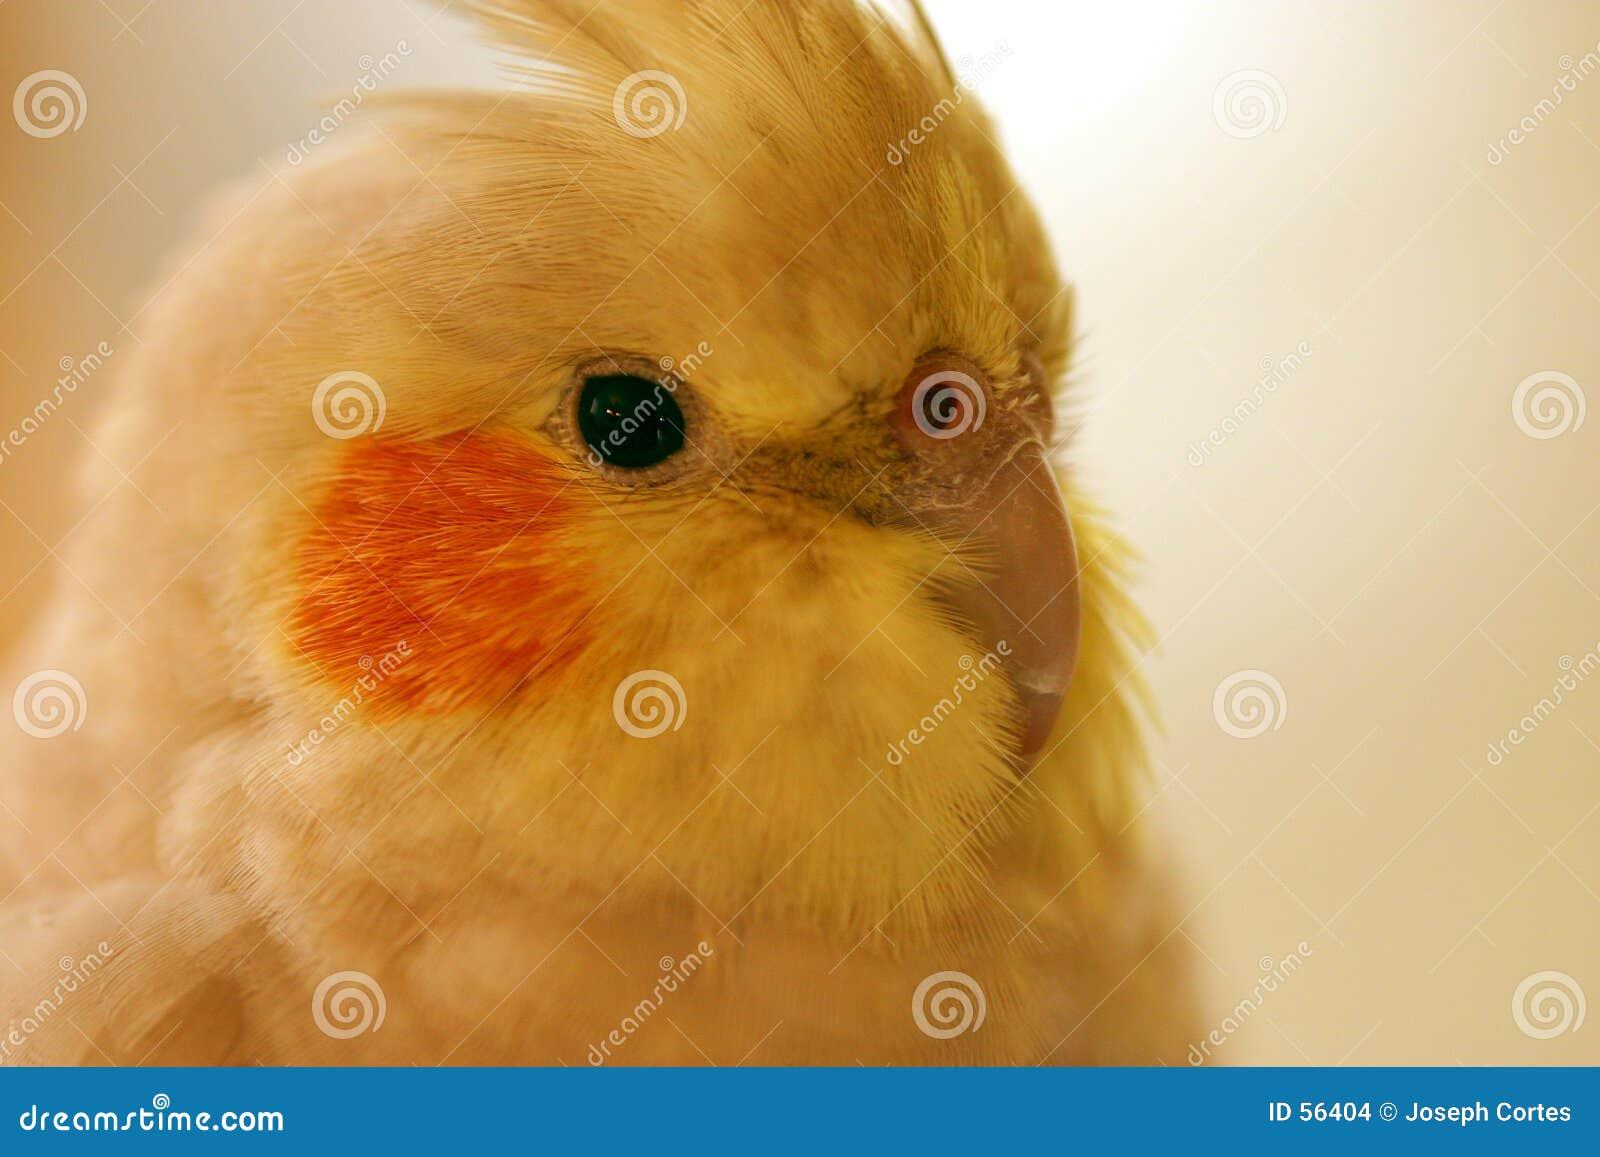 Download Tête de Cocatiel photo stock. Image du nature, tête, plumage - 56404